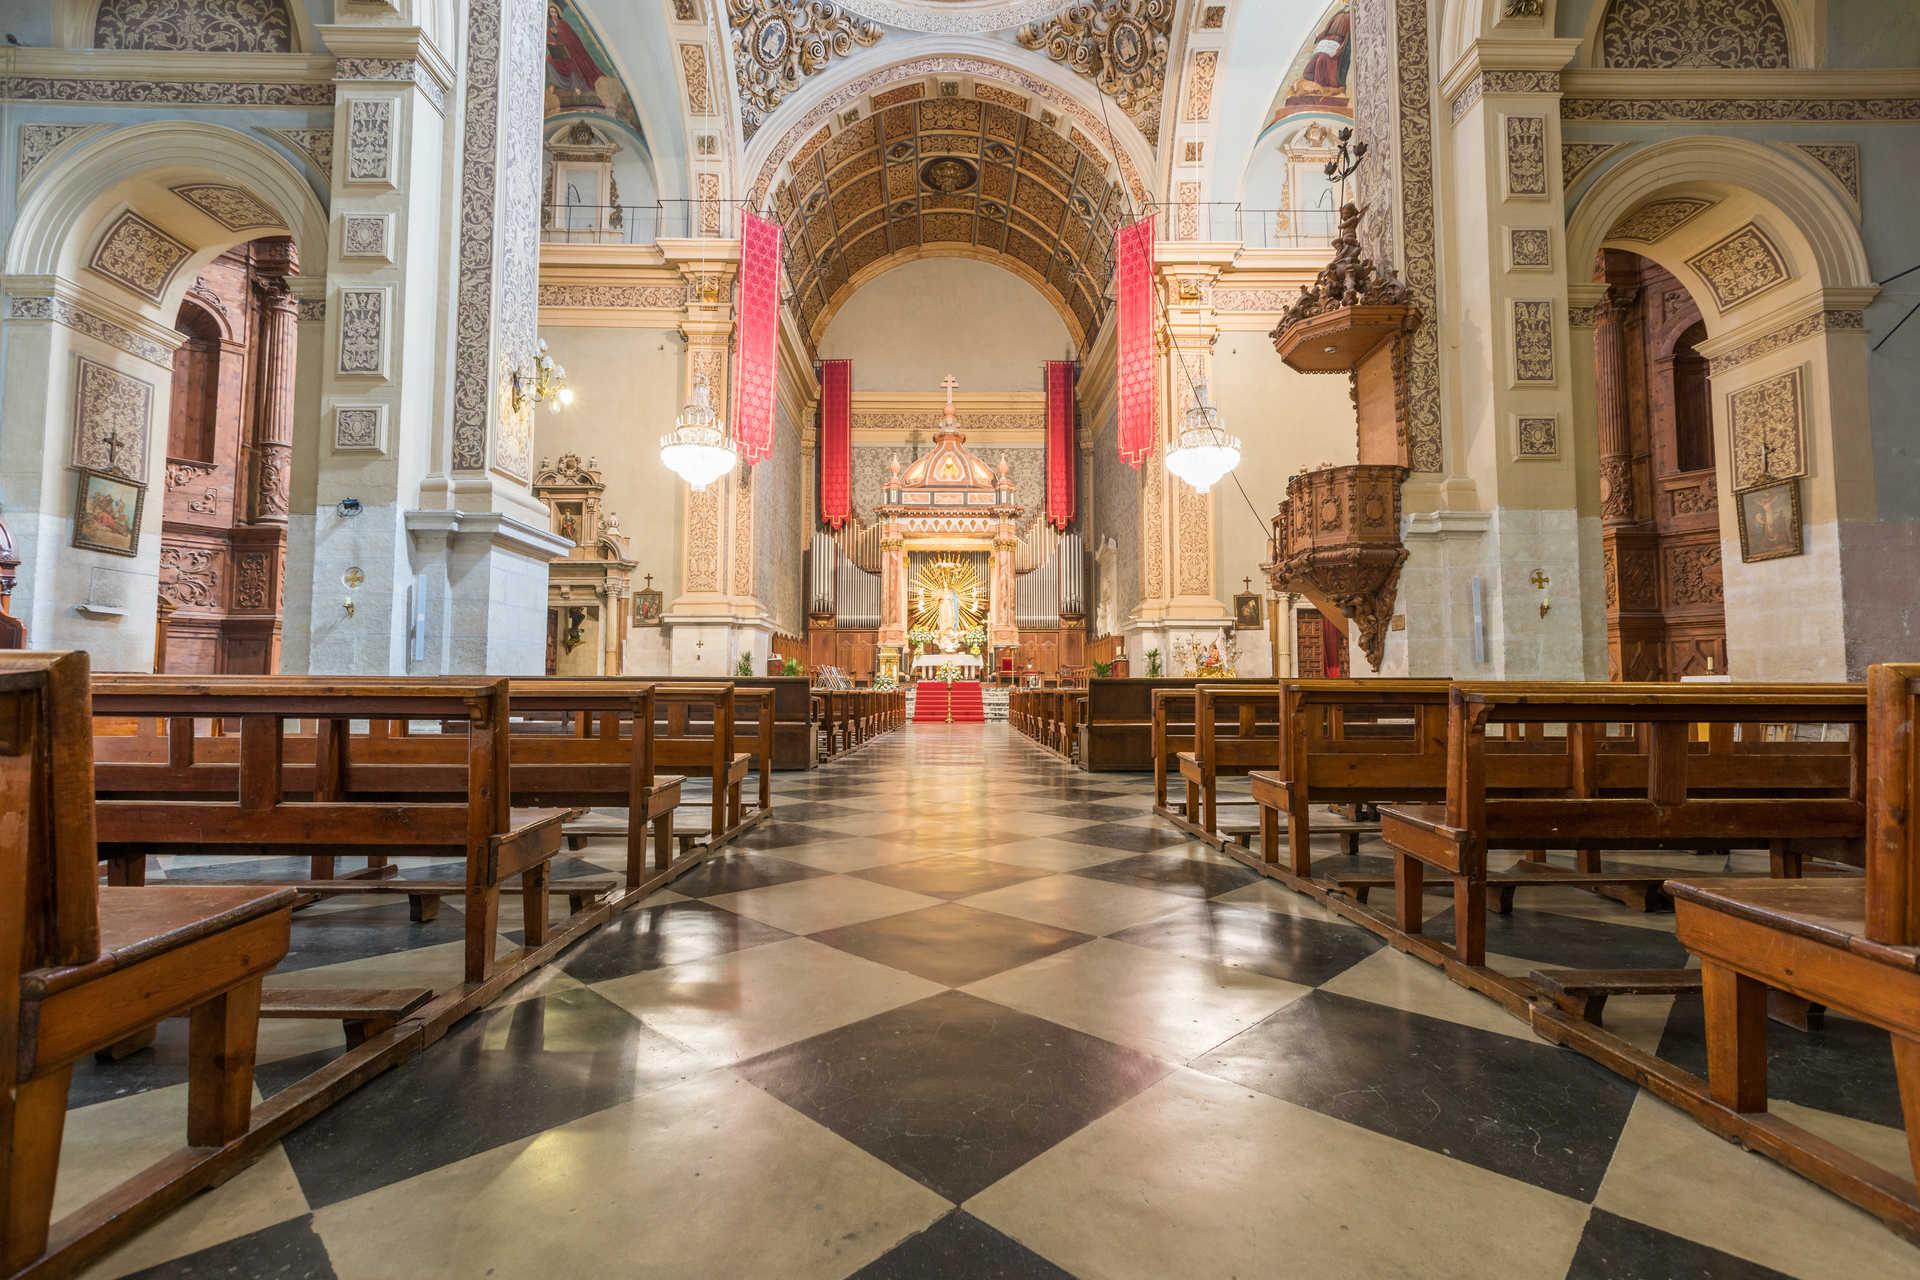 Nuestra Señora de la Asunción kirche